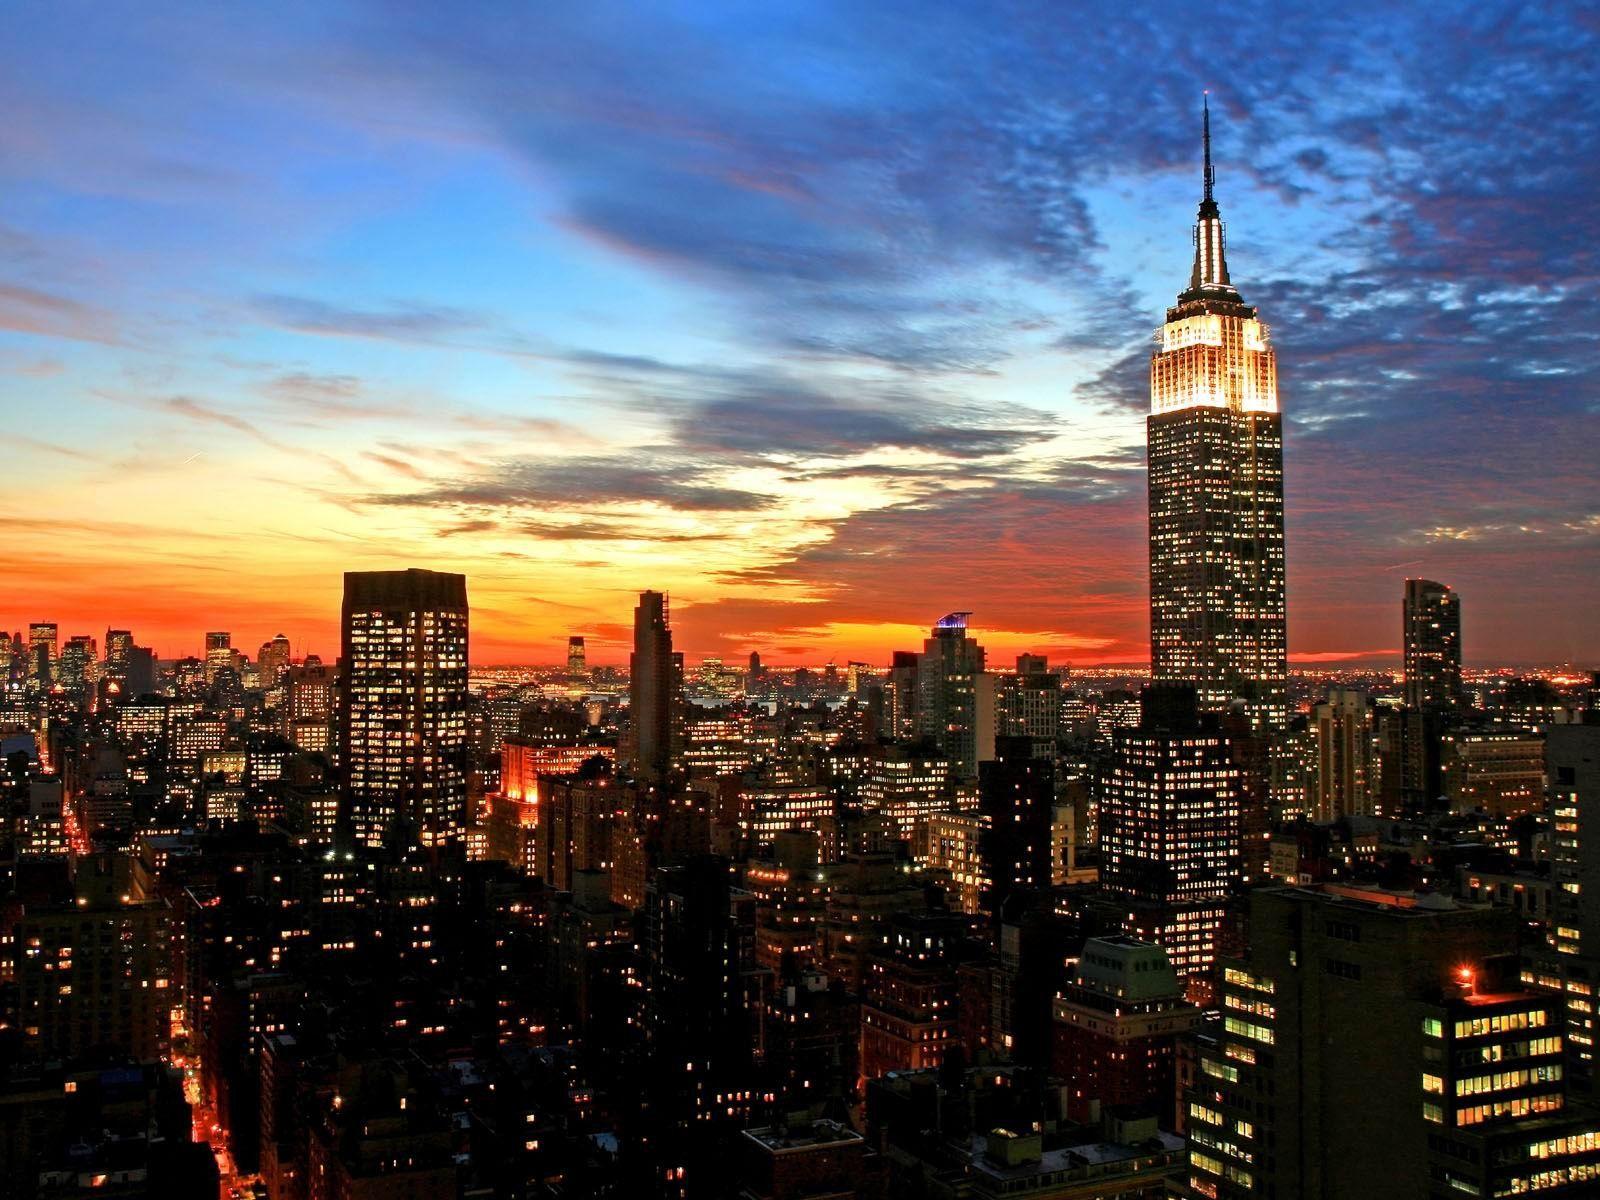 new york city wallpaper sunset wallpaper 3 jpg 1600 1200 new york city wallpaper sunset wallpaper 3 jpg